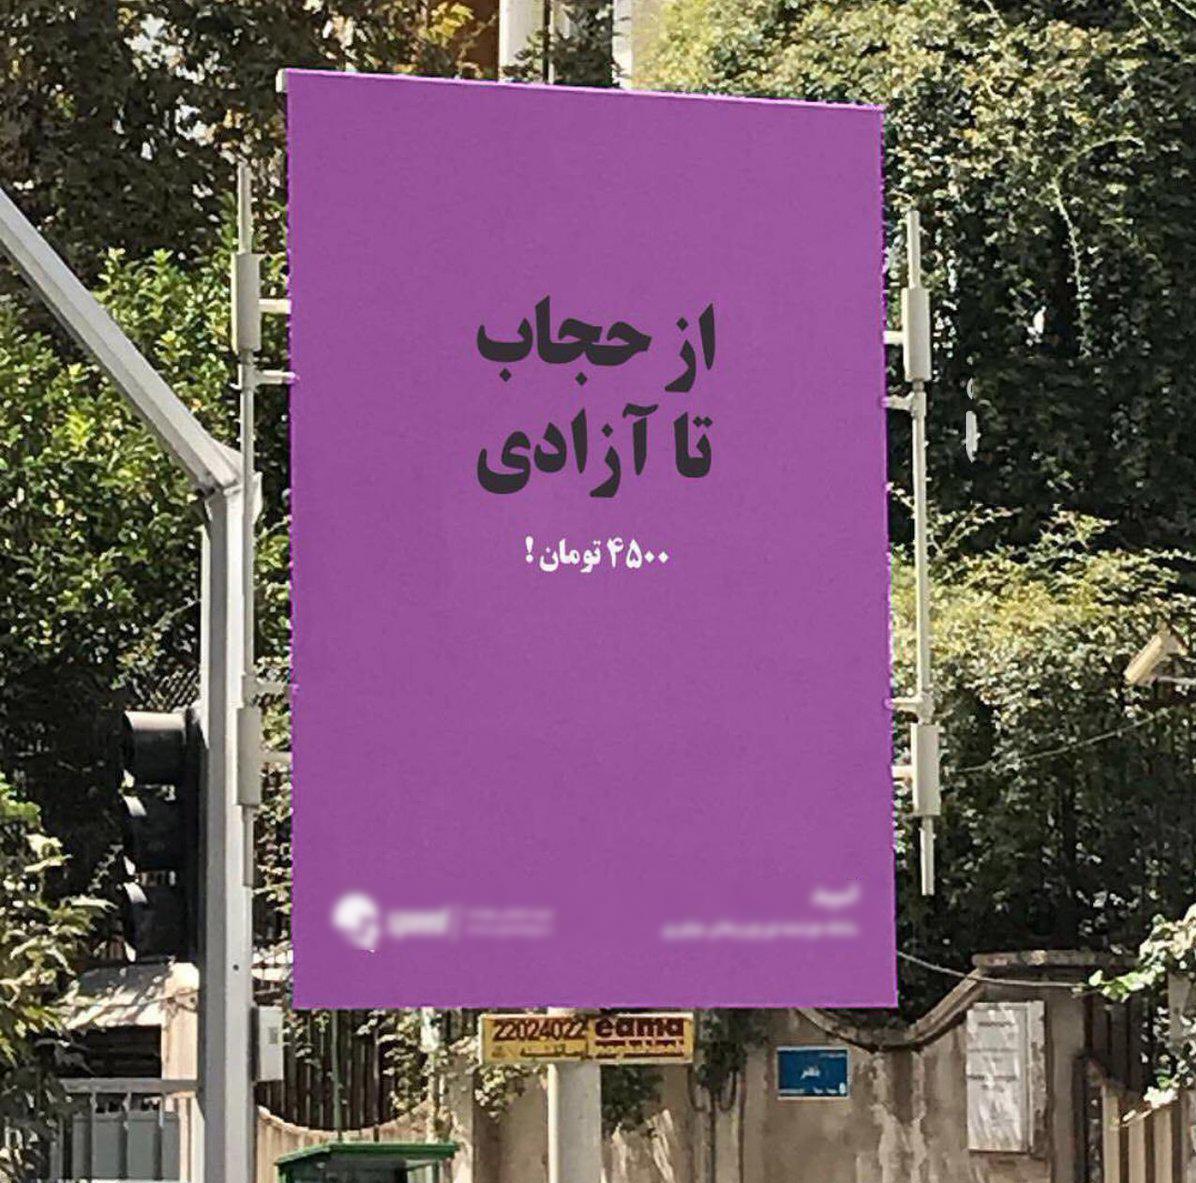 زیباسازی شهرداری تهران: تابلوی از حجاب تا آزادی 4500 تومان در تهران ساختگی است